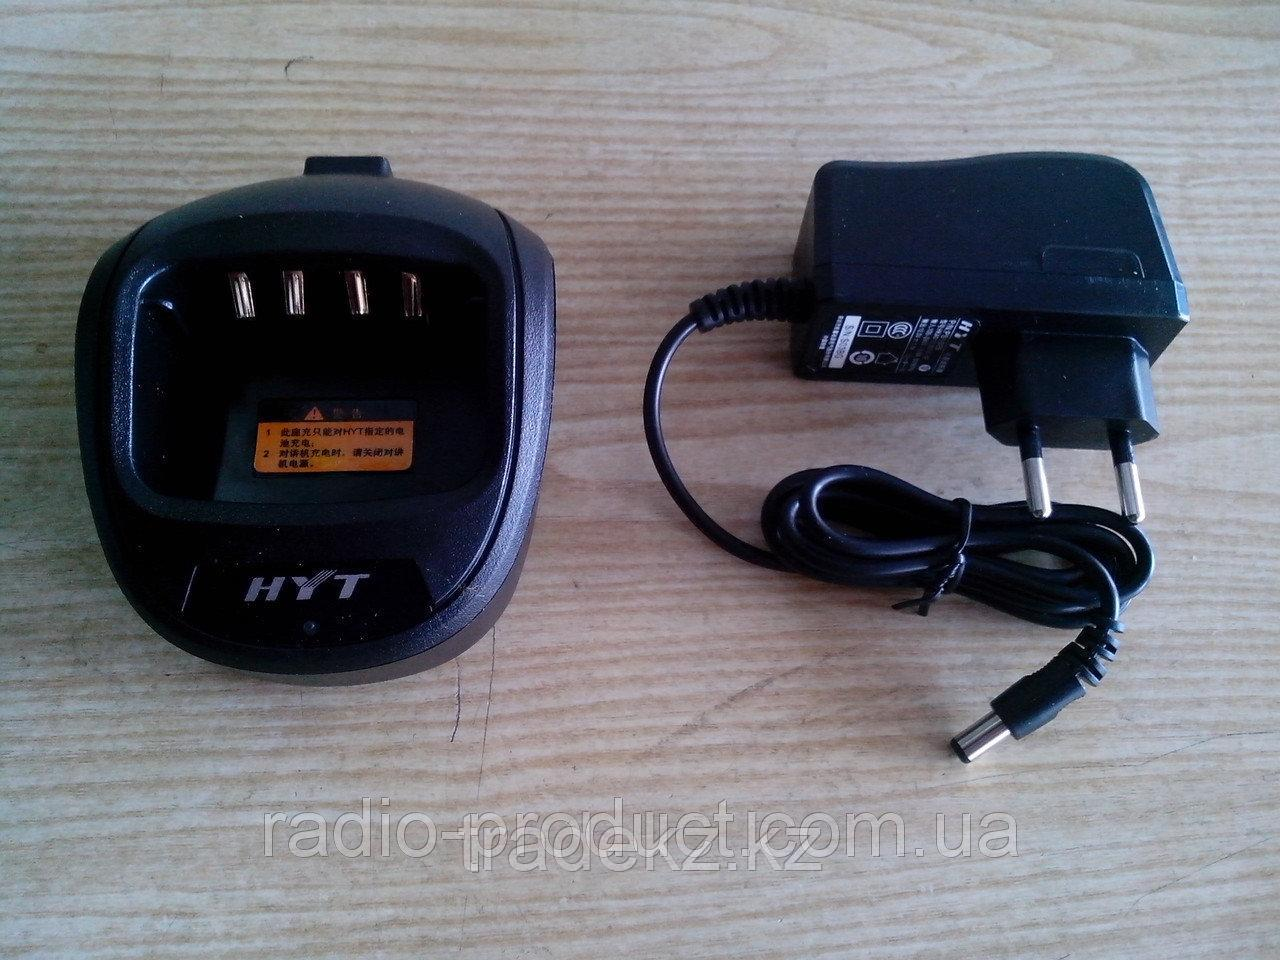 Зарядное устройство HYT CH10A03 настольное ускоренное для р/ст TC-610